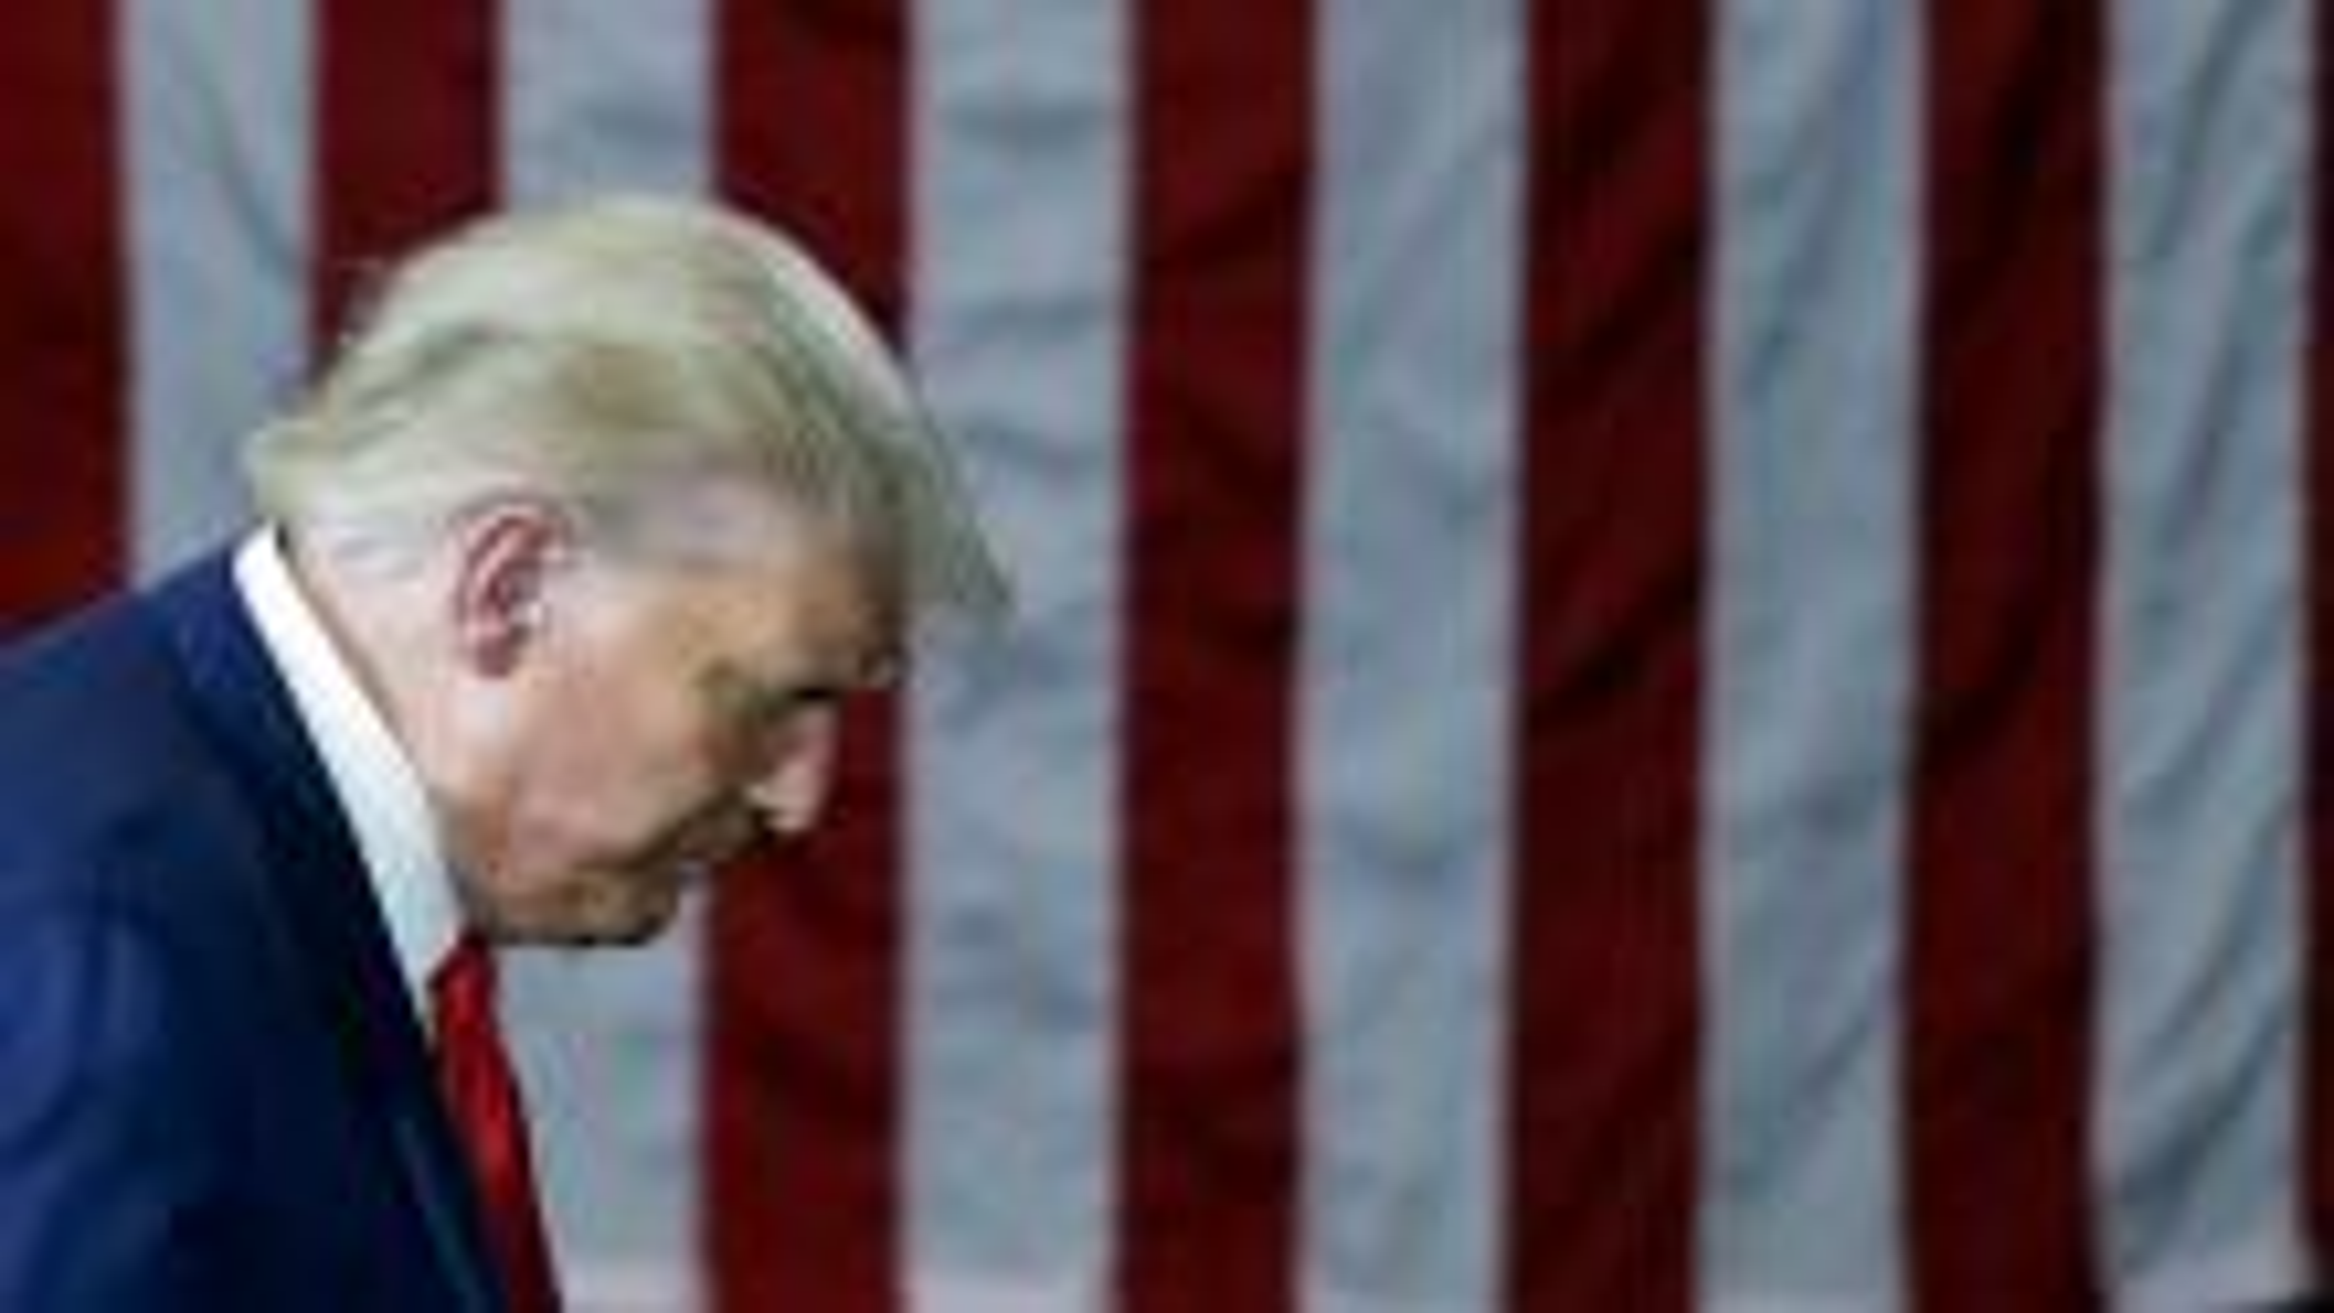 Donald Trump speaking in Ohio.